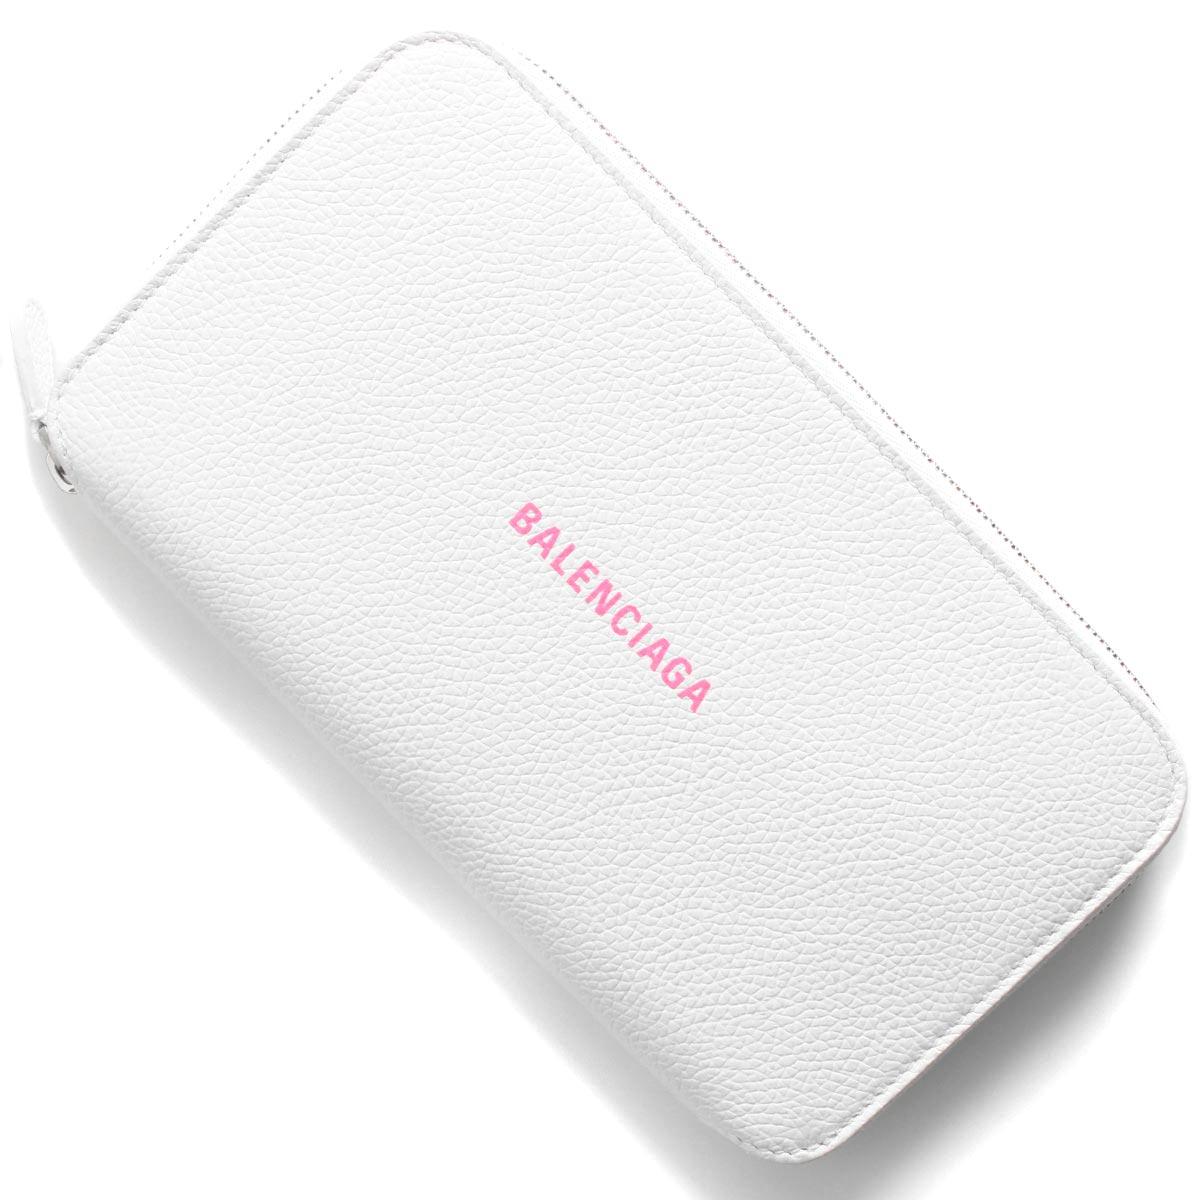 バレンシアガ 長財布 財布 メンズ レディース キャッシュ ブランホワイト&フルアピンク 594290 1IZF3 9066 BALENCIAGA